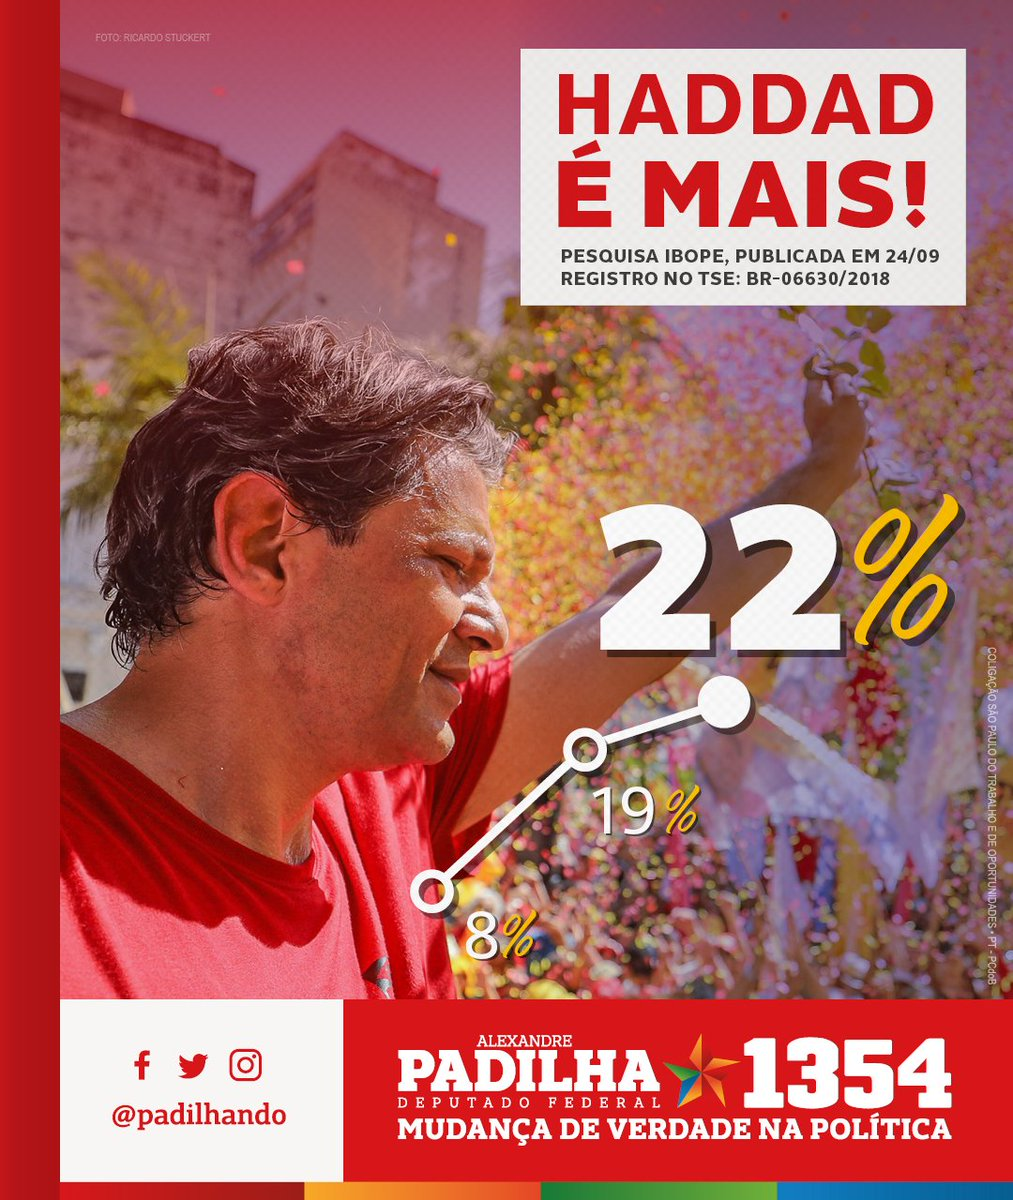 Ninguém segura o Haddad, sobe que sobe, cada semana mais, cada semana mais perto da vitória! Pesquisa Ibope informa que Haddad já tem 22% da preferência do eleitorado brasileiro! Lula é Haddad, Haddad é Lula! #HaddadÉLula #Padilha1354 #MudançaDeVerdade